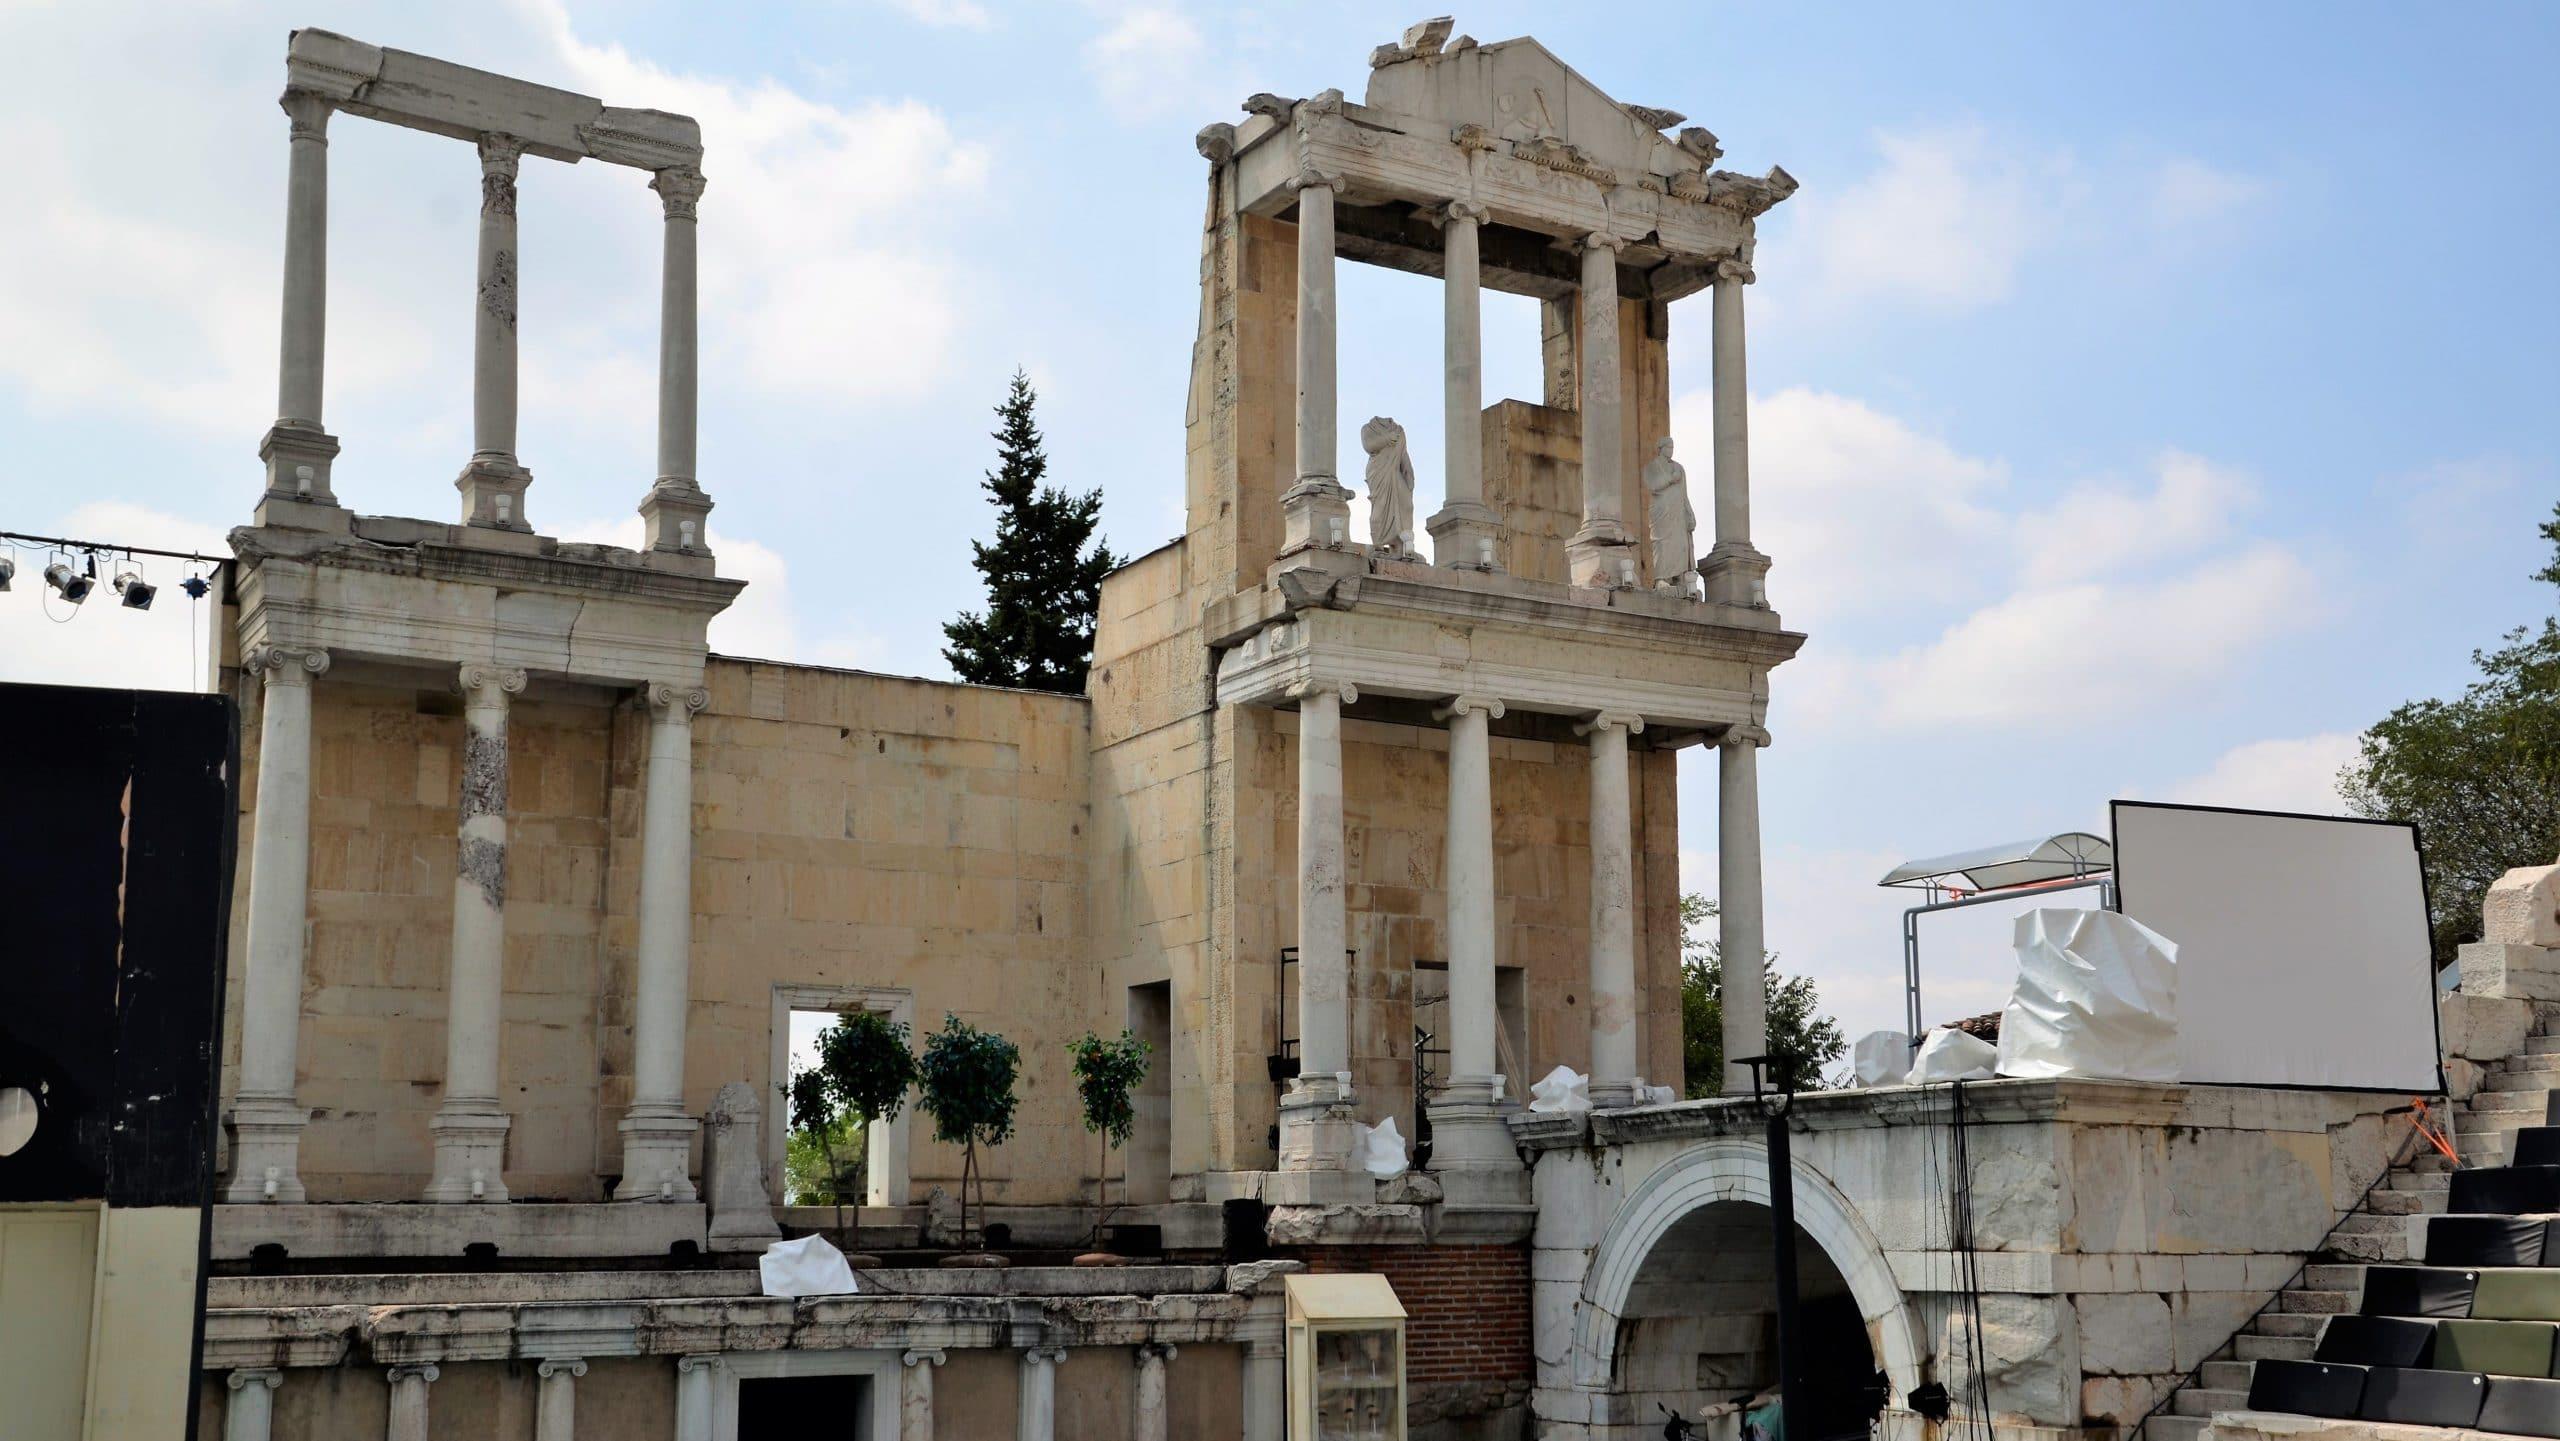 Römisches Theater in Plovdiv Sehenswürdigkeiten Bulgarien